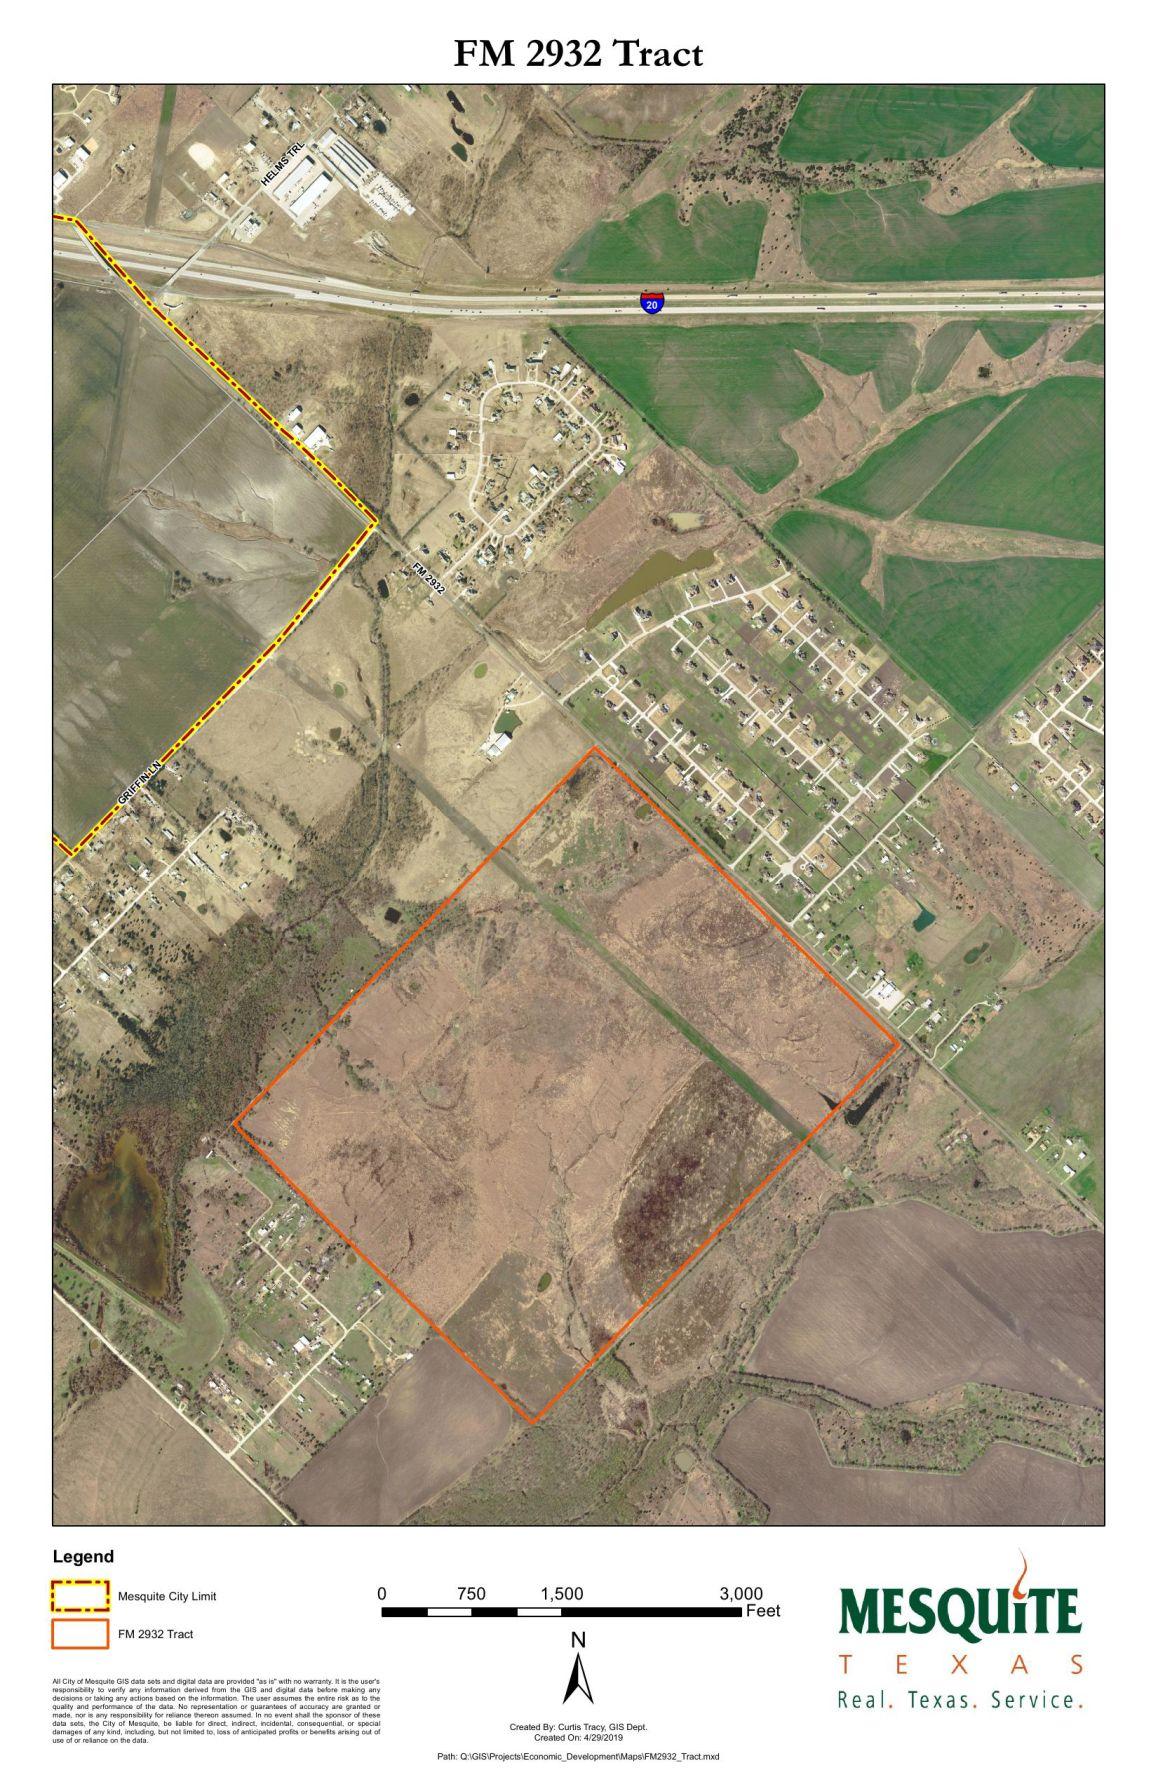 Mesquite City Council discusses rural development | News ... on